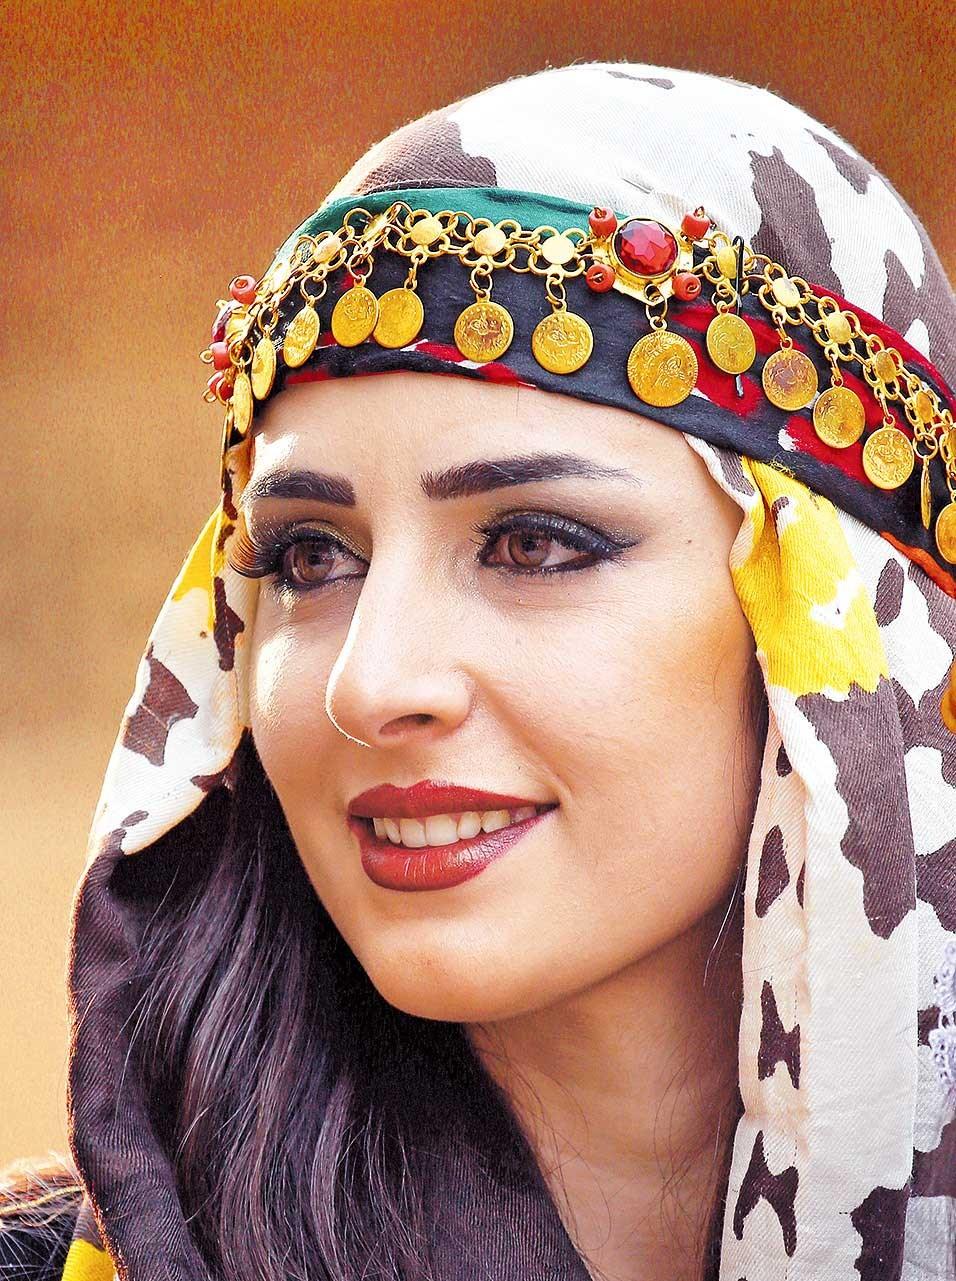 Efin Hissu, a Syrian-Kurdish woman, displays a range of traditional Kurdish attire. — AFP